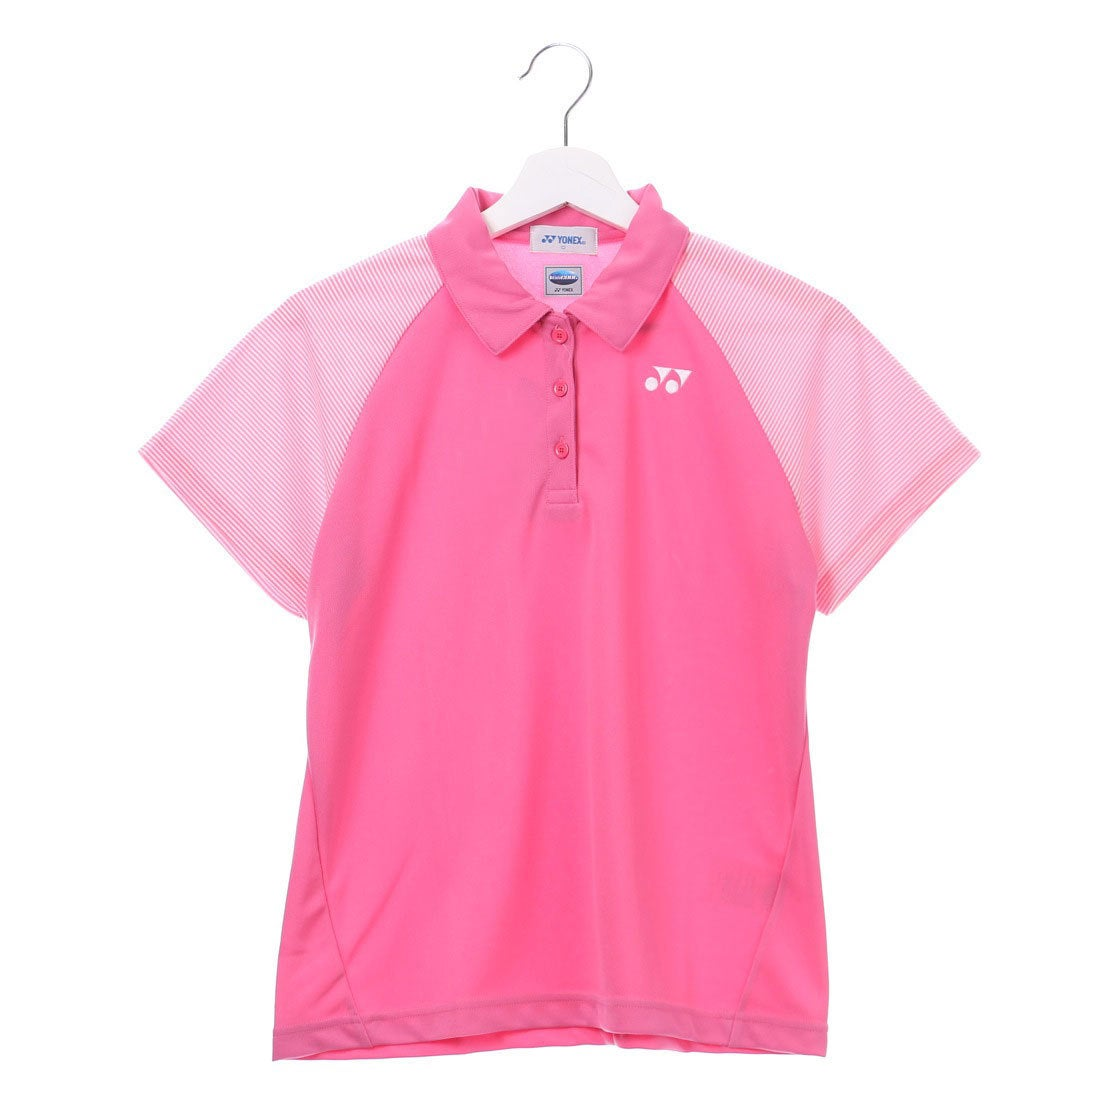 ヨネックス YONEX レディース テニス 半袖ポロシャツ 20354